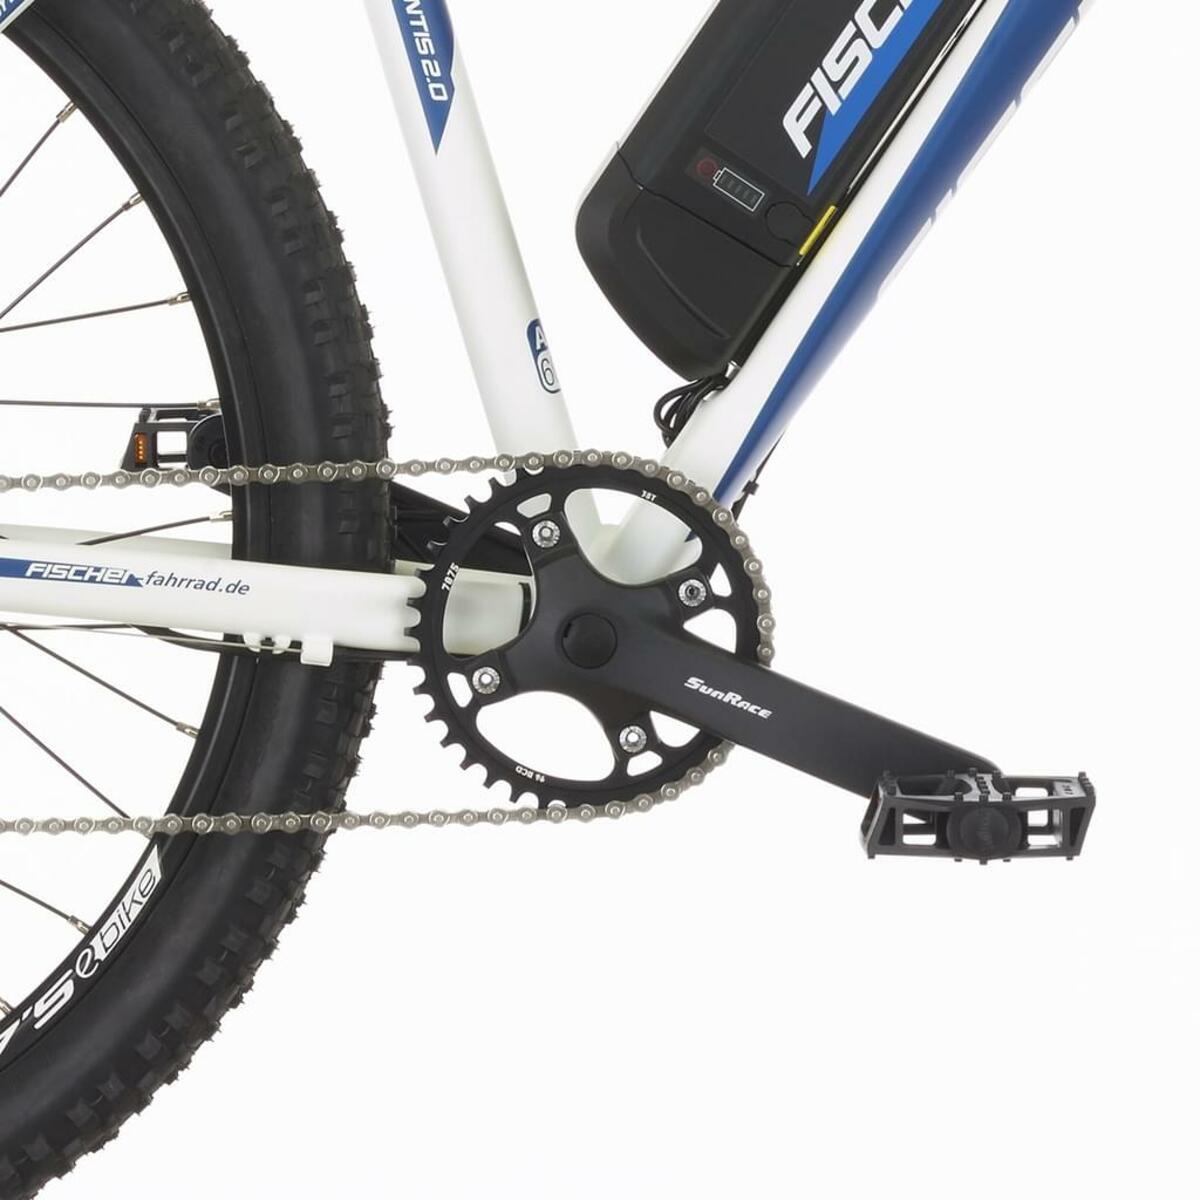 Bild 4 von Fischer E-Mountainbike MONTIS 2.0, 27,5 Zoll, perlweiß matt